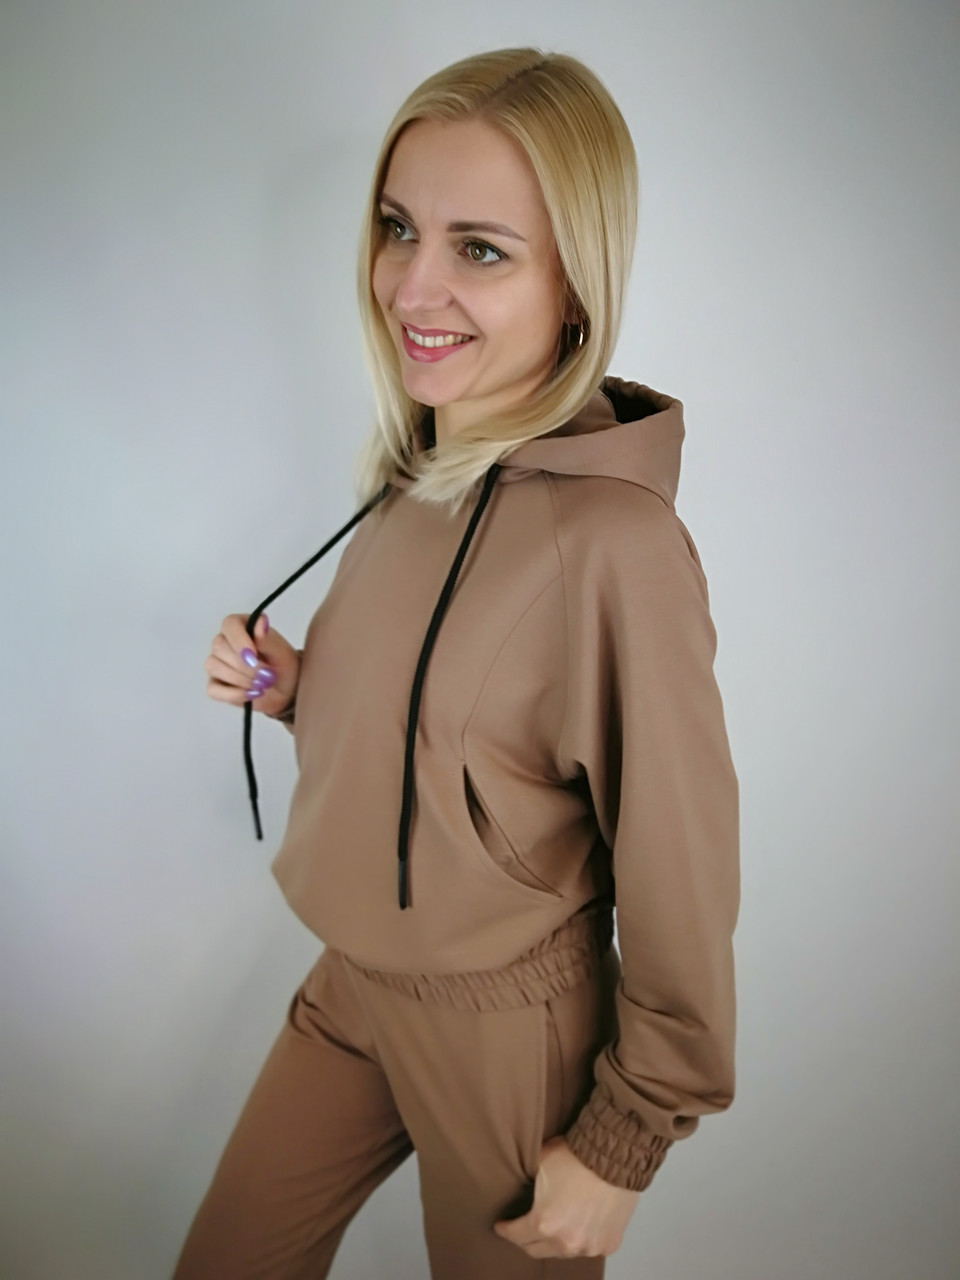 Якісний жіночий костюм